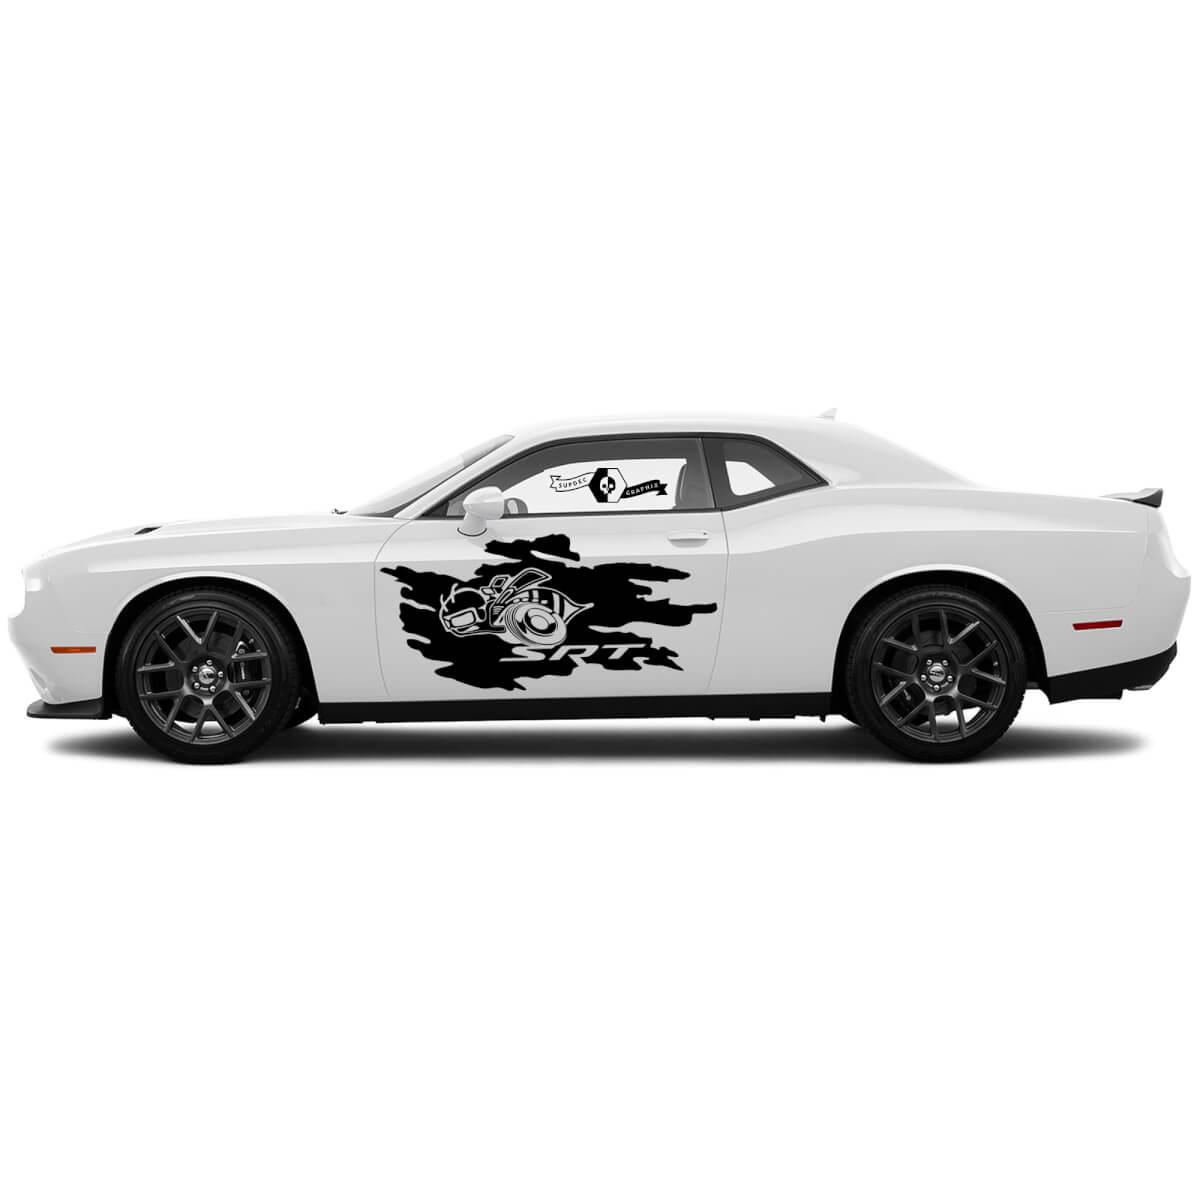 Scat Pack SRT Splash Decals für Dodge Challenger oder Ladegerät Seite Vinylaufkleber Aufkleber